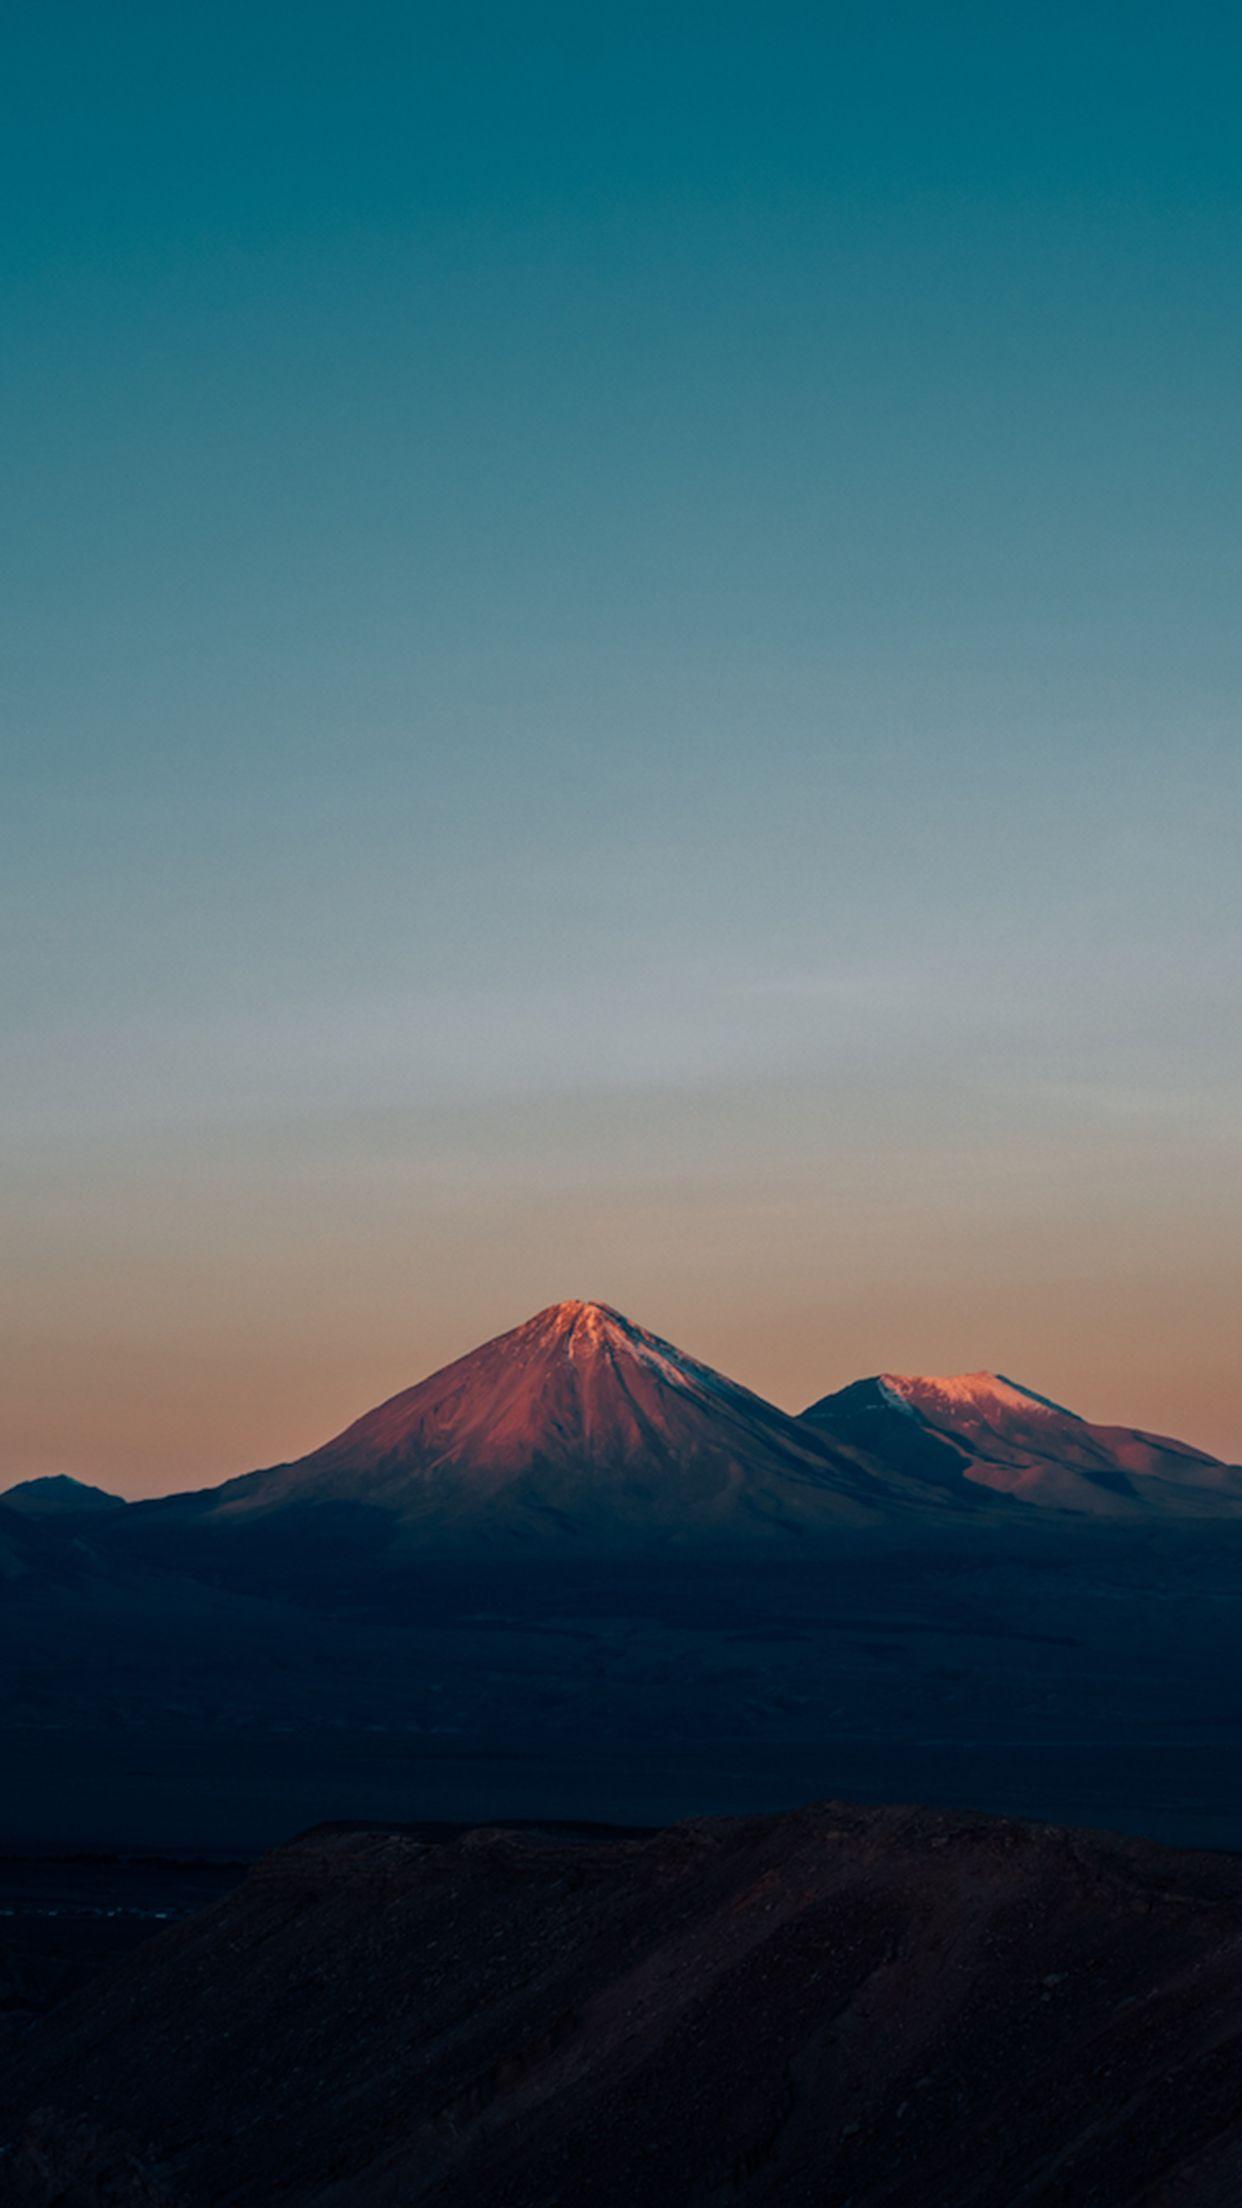 Wallpaper vulcão para celular de viajantes! #travel # ...